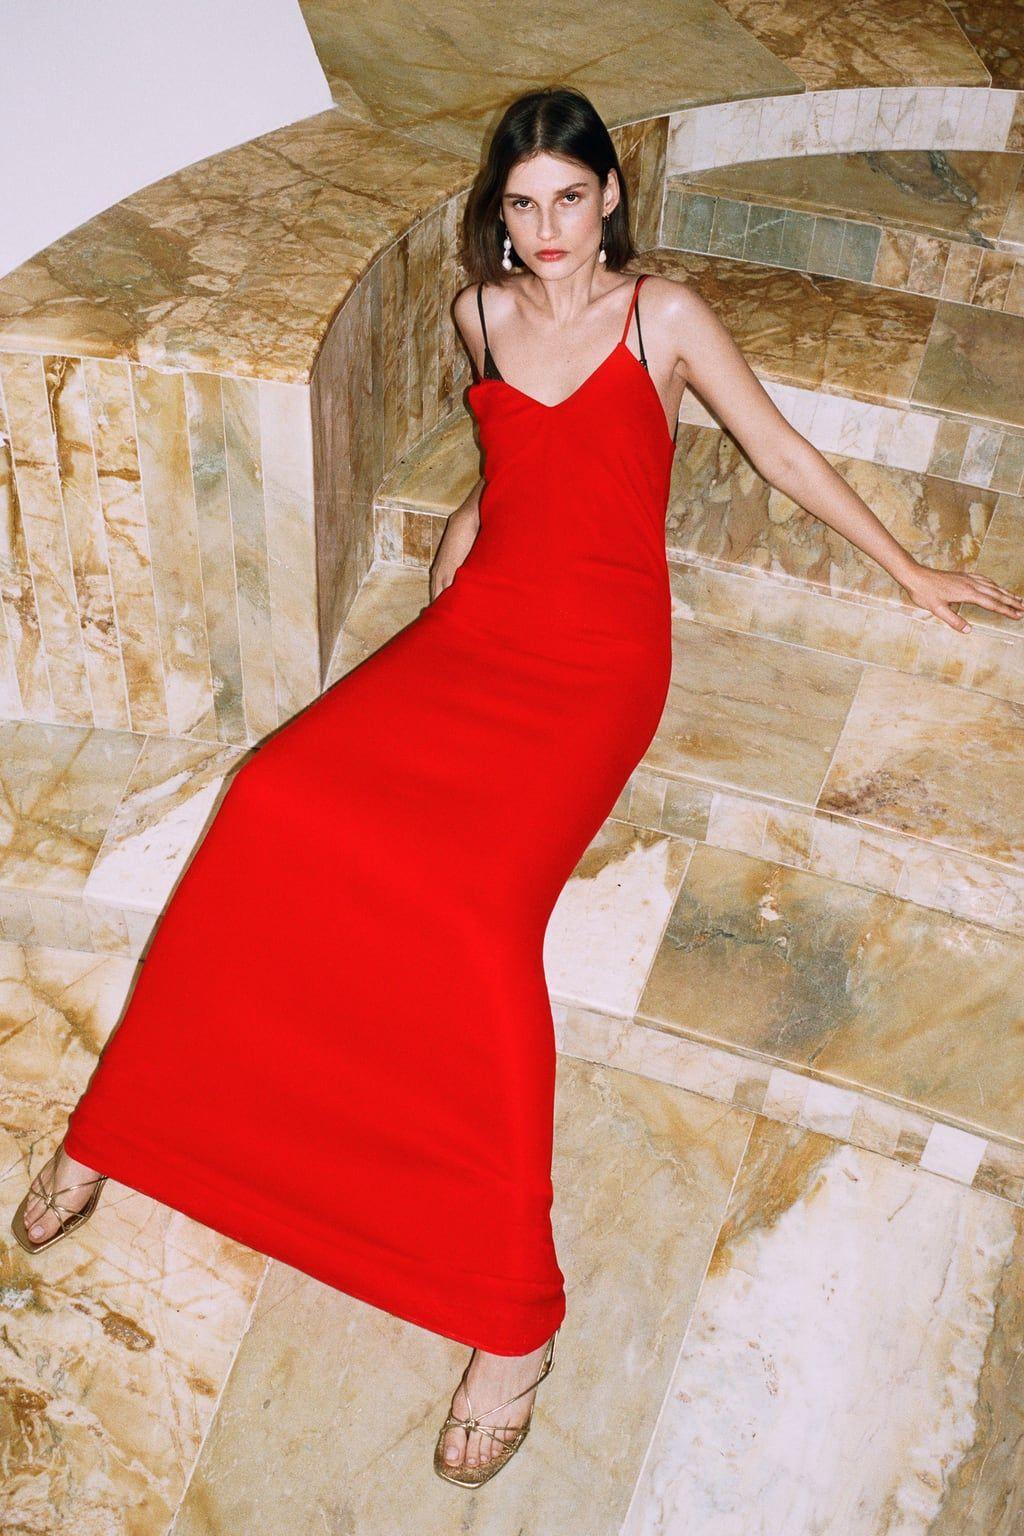 Vestido Ss Largo Edición Zara Tirantes LimitadaFashion zUqVpSMG